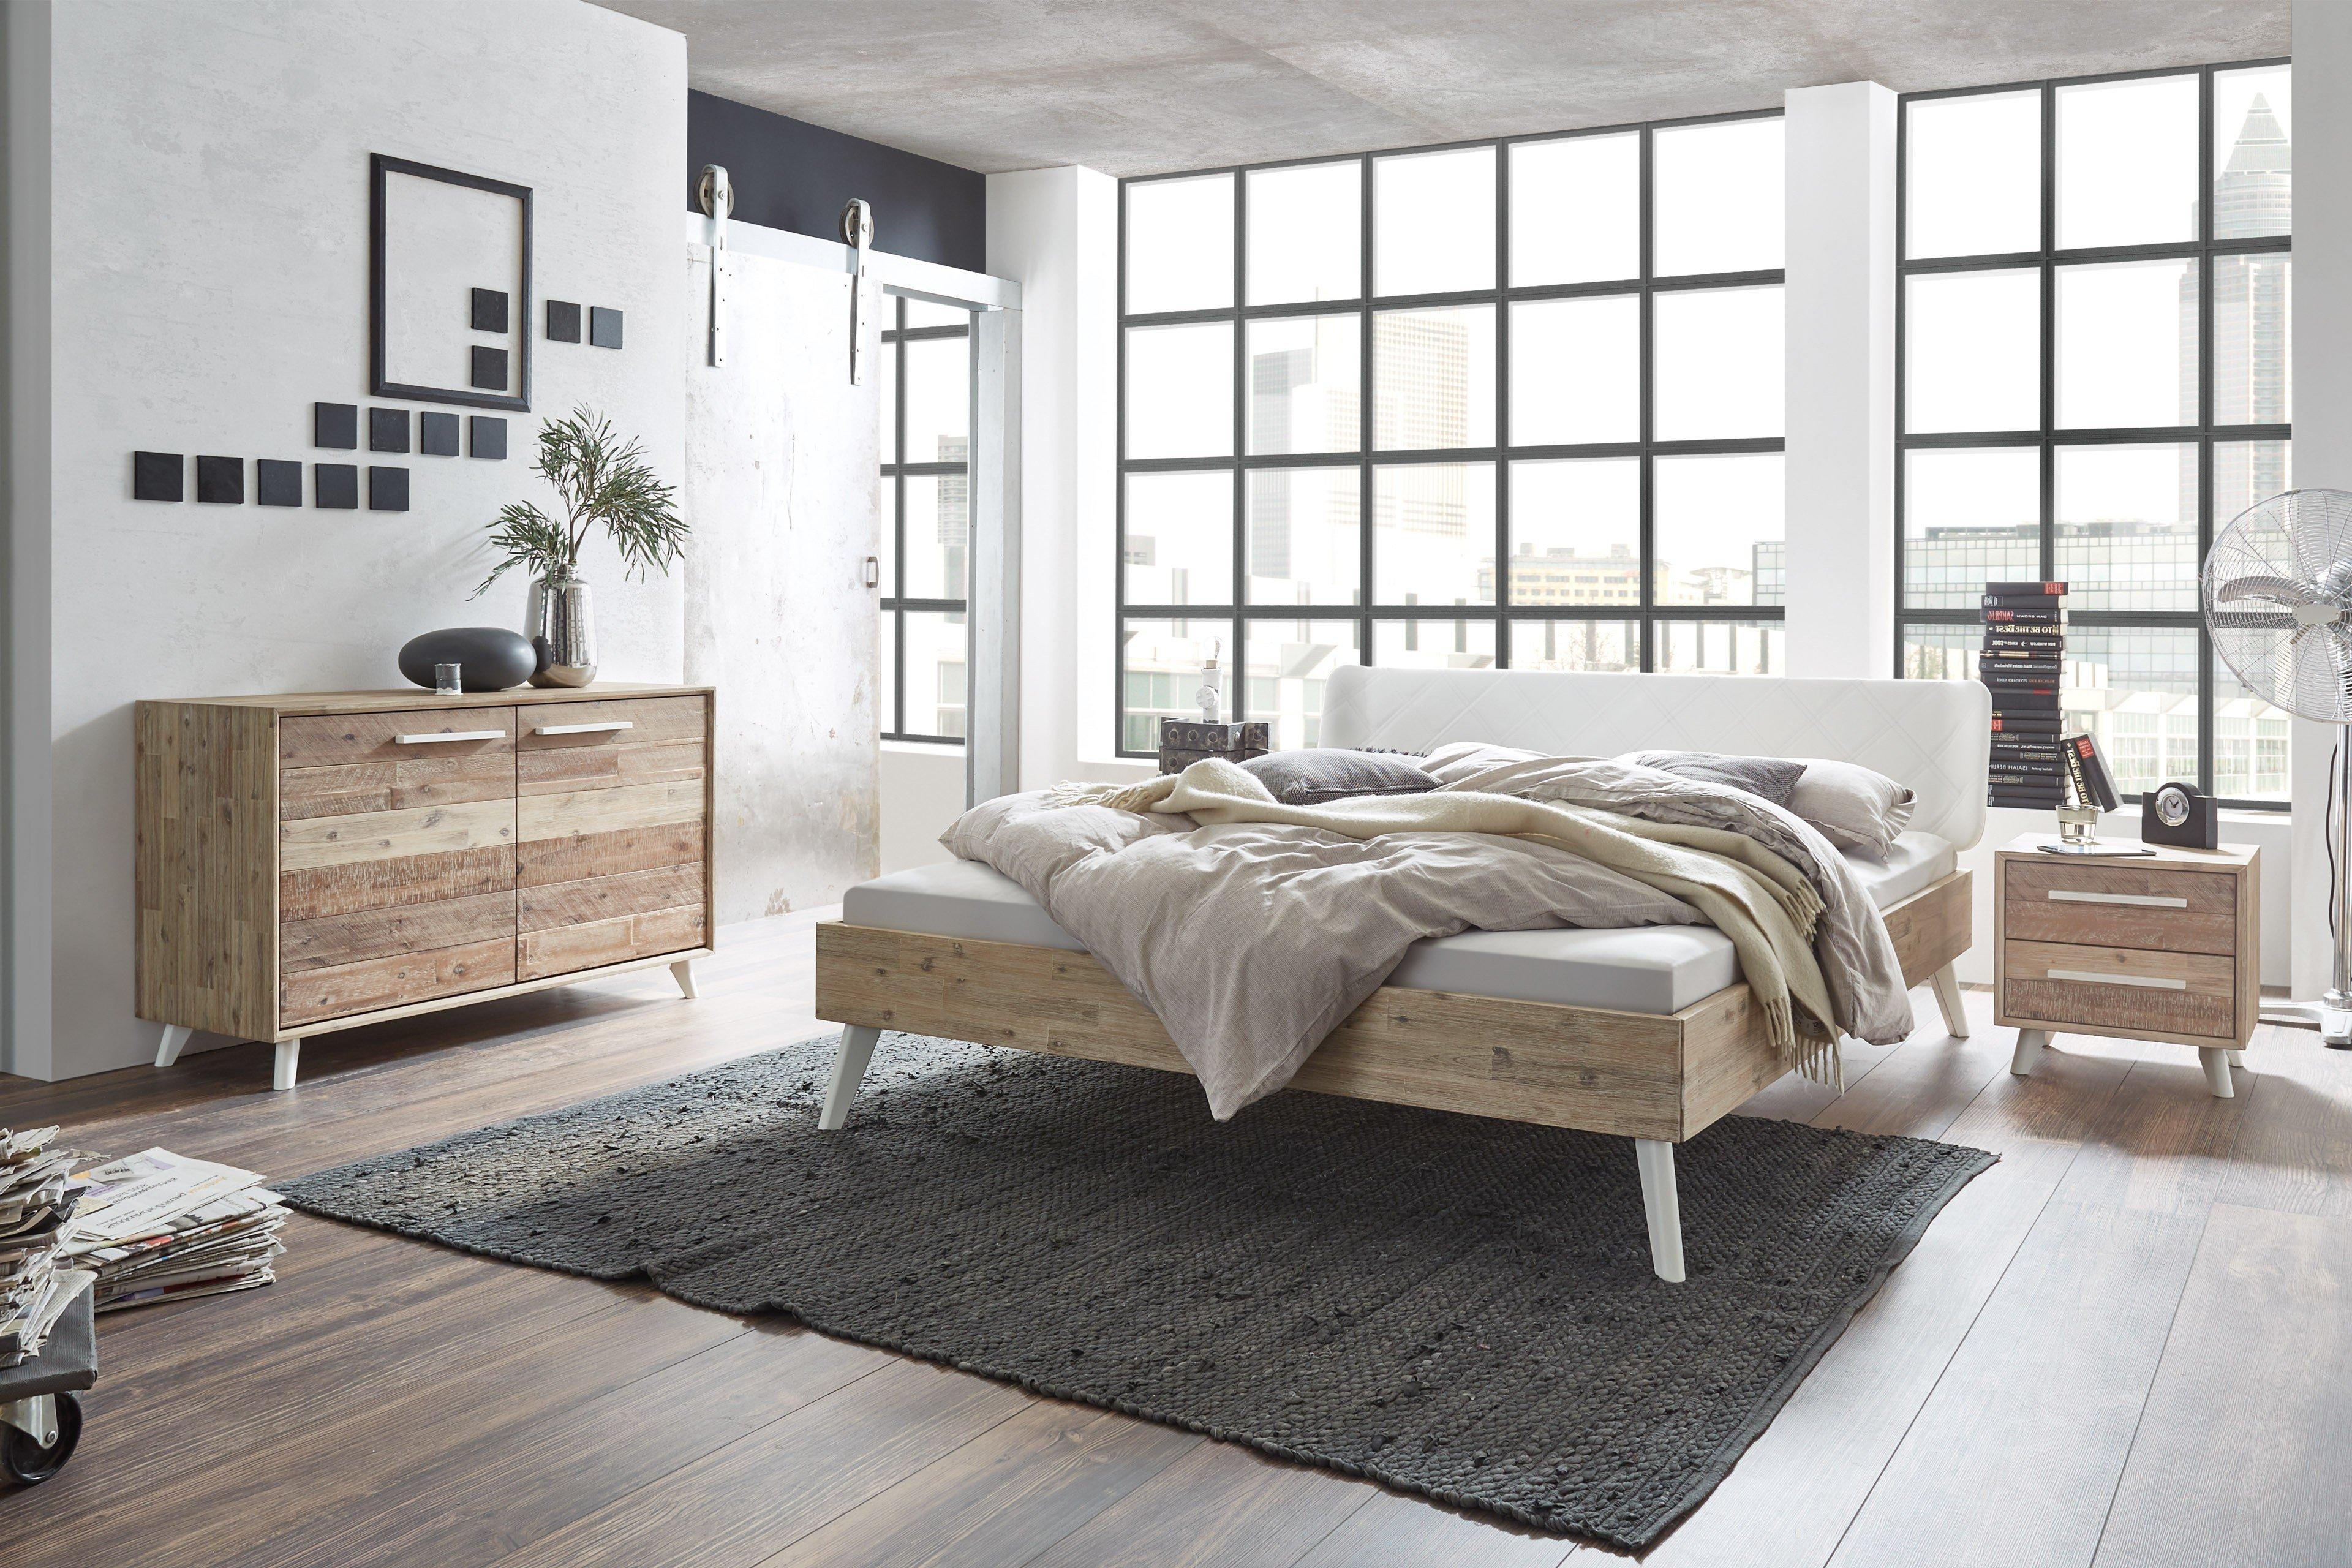 weisse betten holz doppelbett x gnstig mit material rahmen aus holz und komplett mit weien. Black Bedroom Furniture Sets. Home Design Ideas